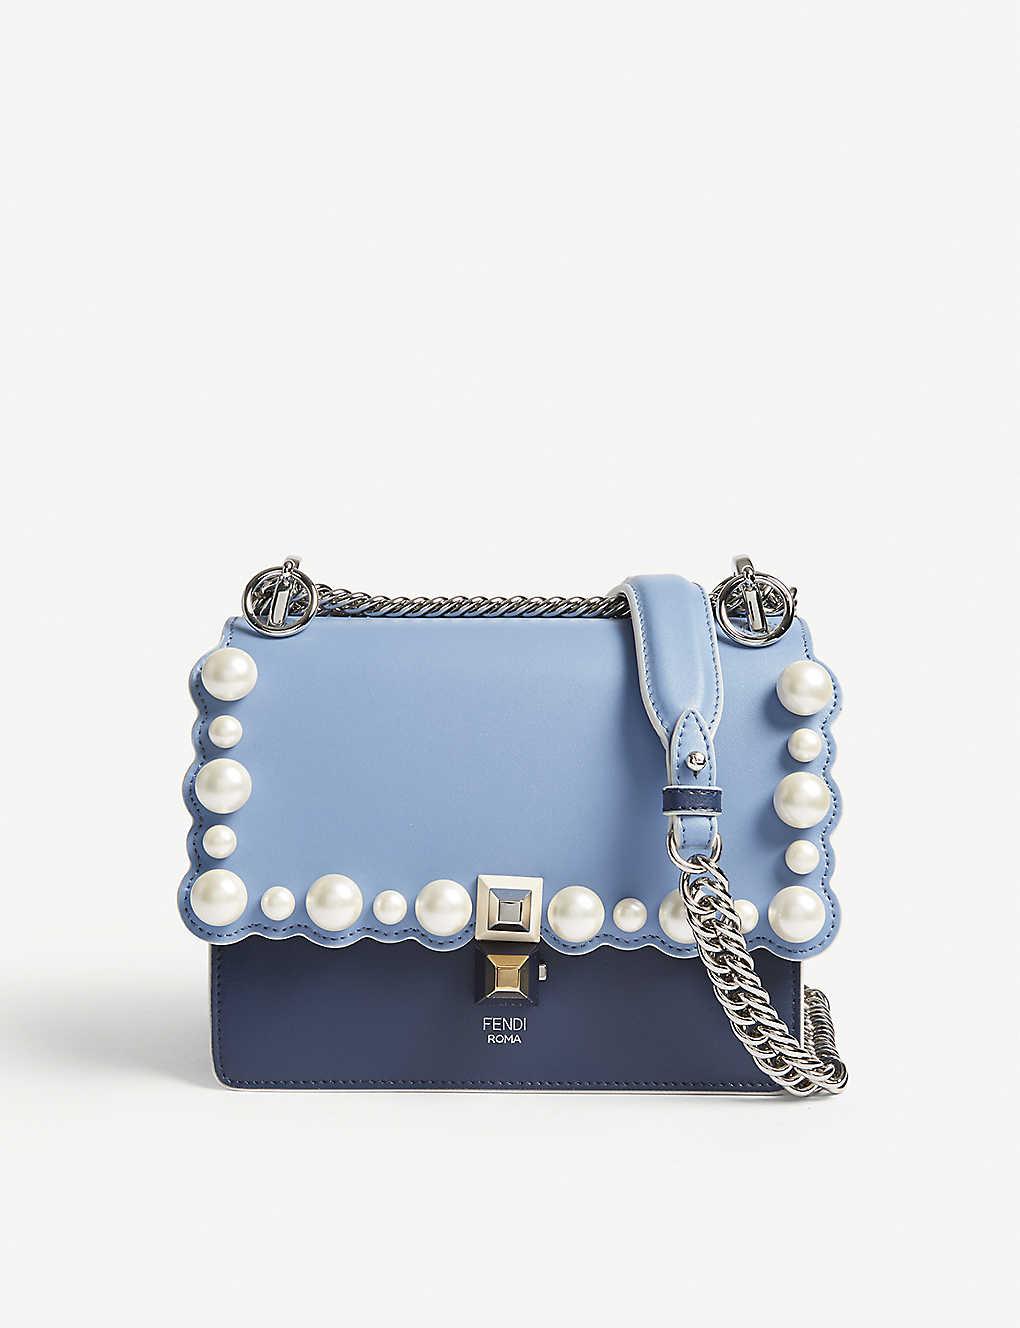 c298e1b62ea1 FENDI - Kan 1 pearl-embellished leather shoulder bag